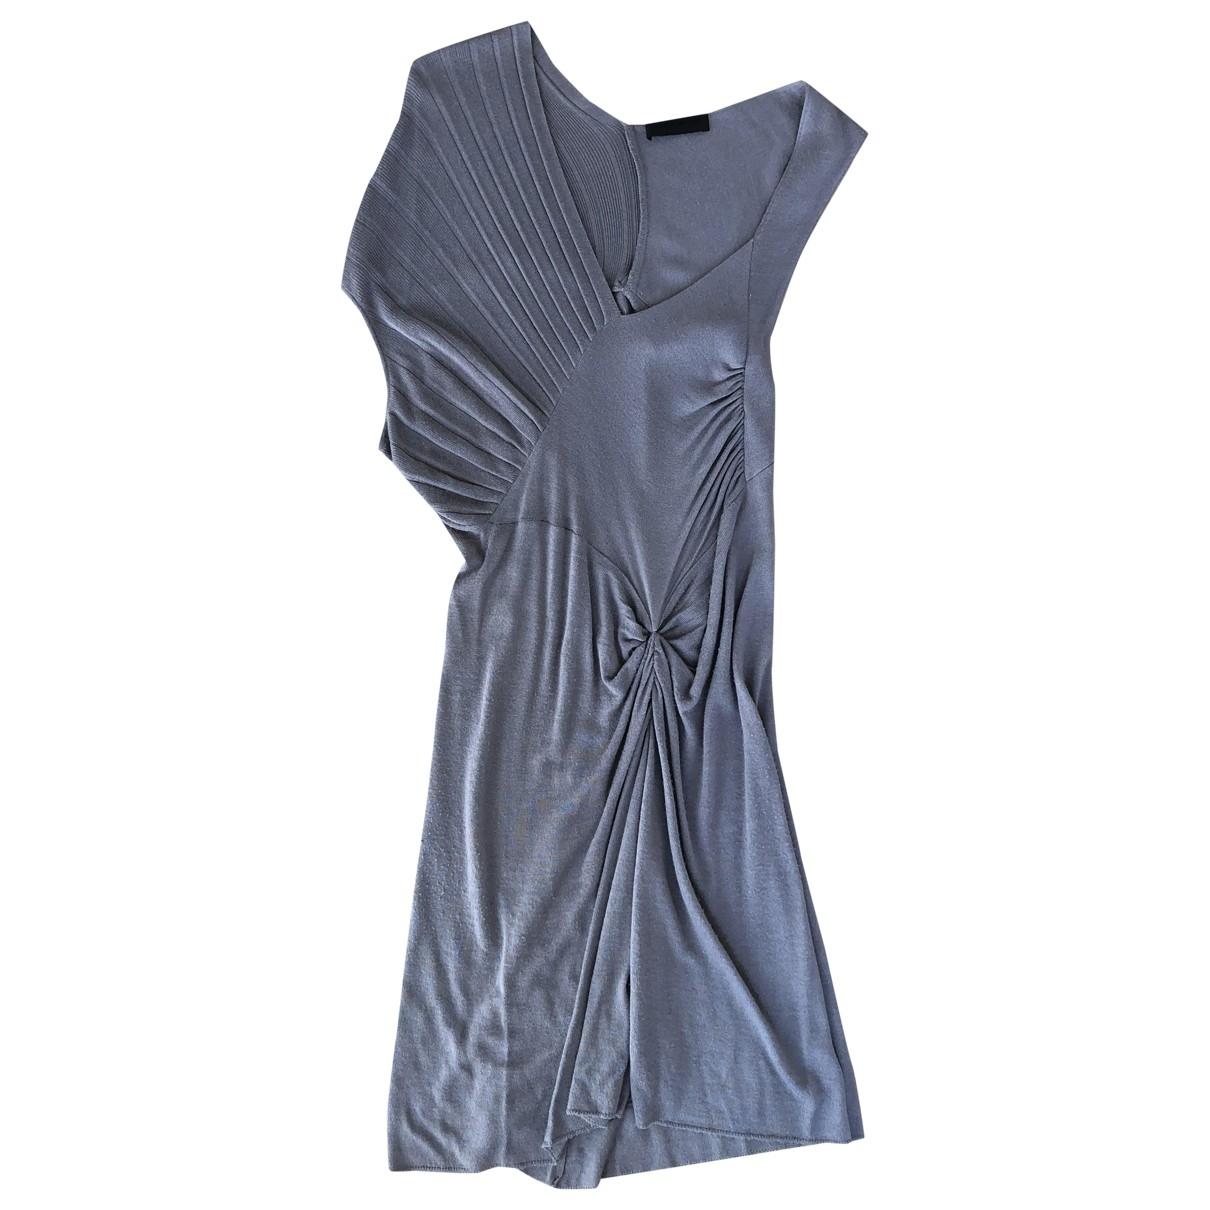 Costume National \N Kleid in  Grau Wolle